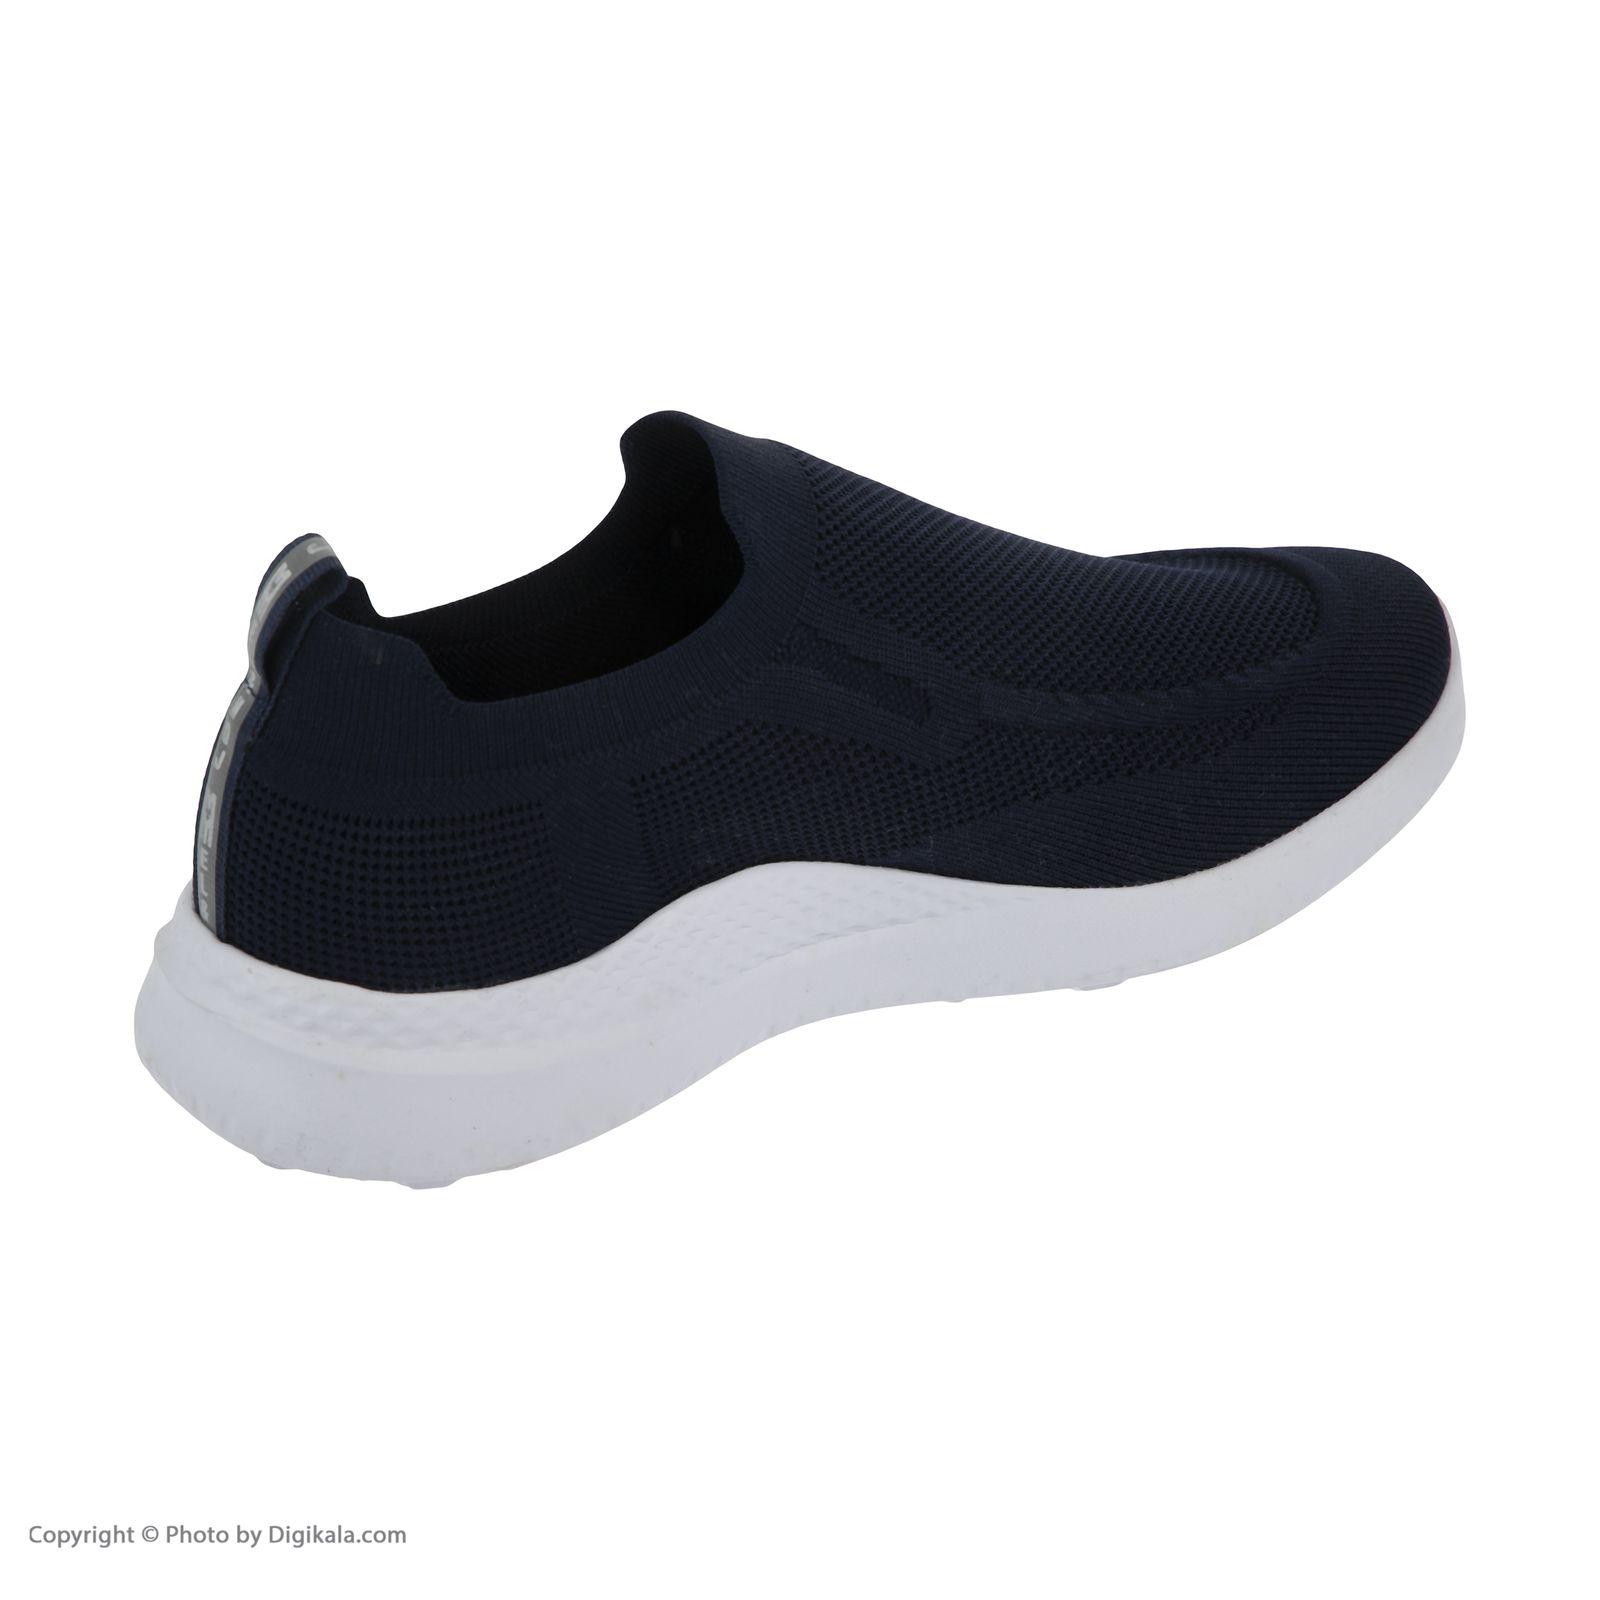 کفش راحتی مردانه مل اند موژ مدل 1020-15-400 main 1 4